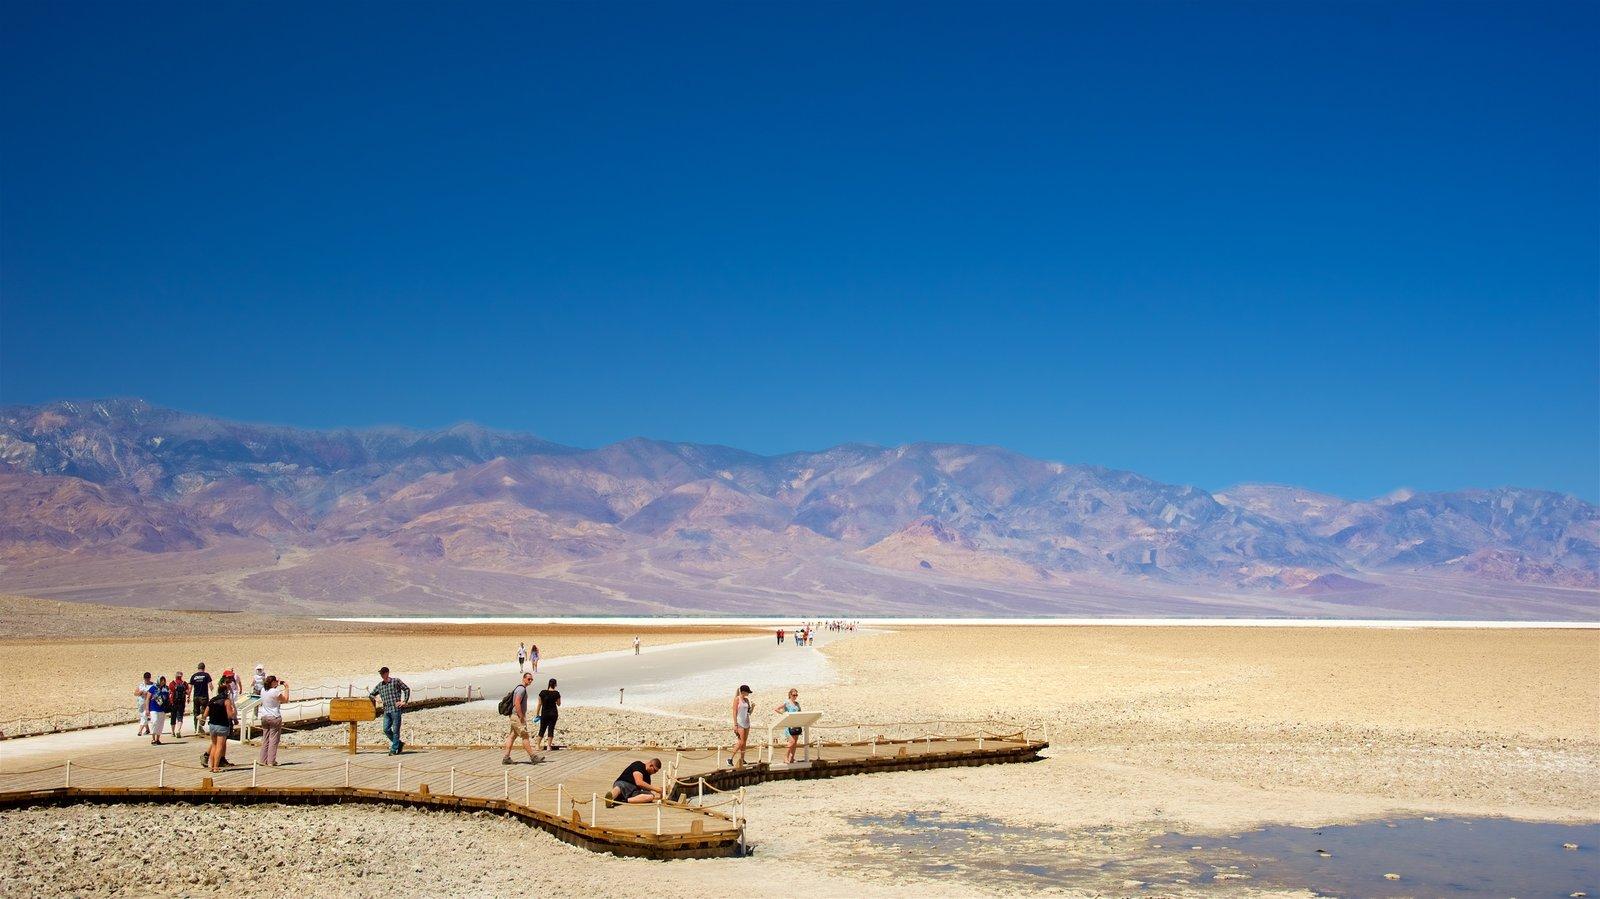 Vale da Morte mostrando cenas tranquilas e paisagens do deserto assim como um pequeno grupo de pessoas